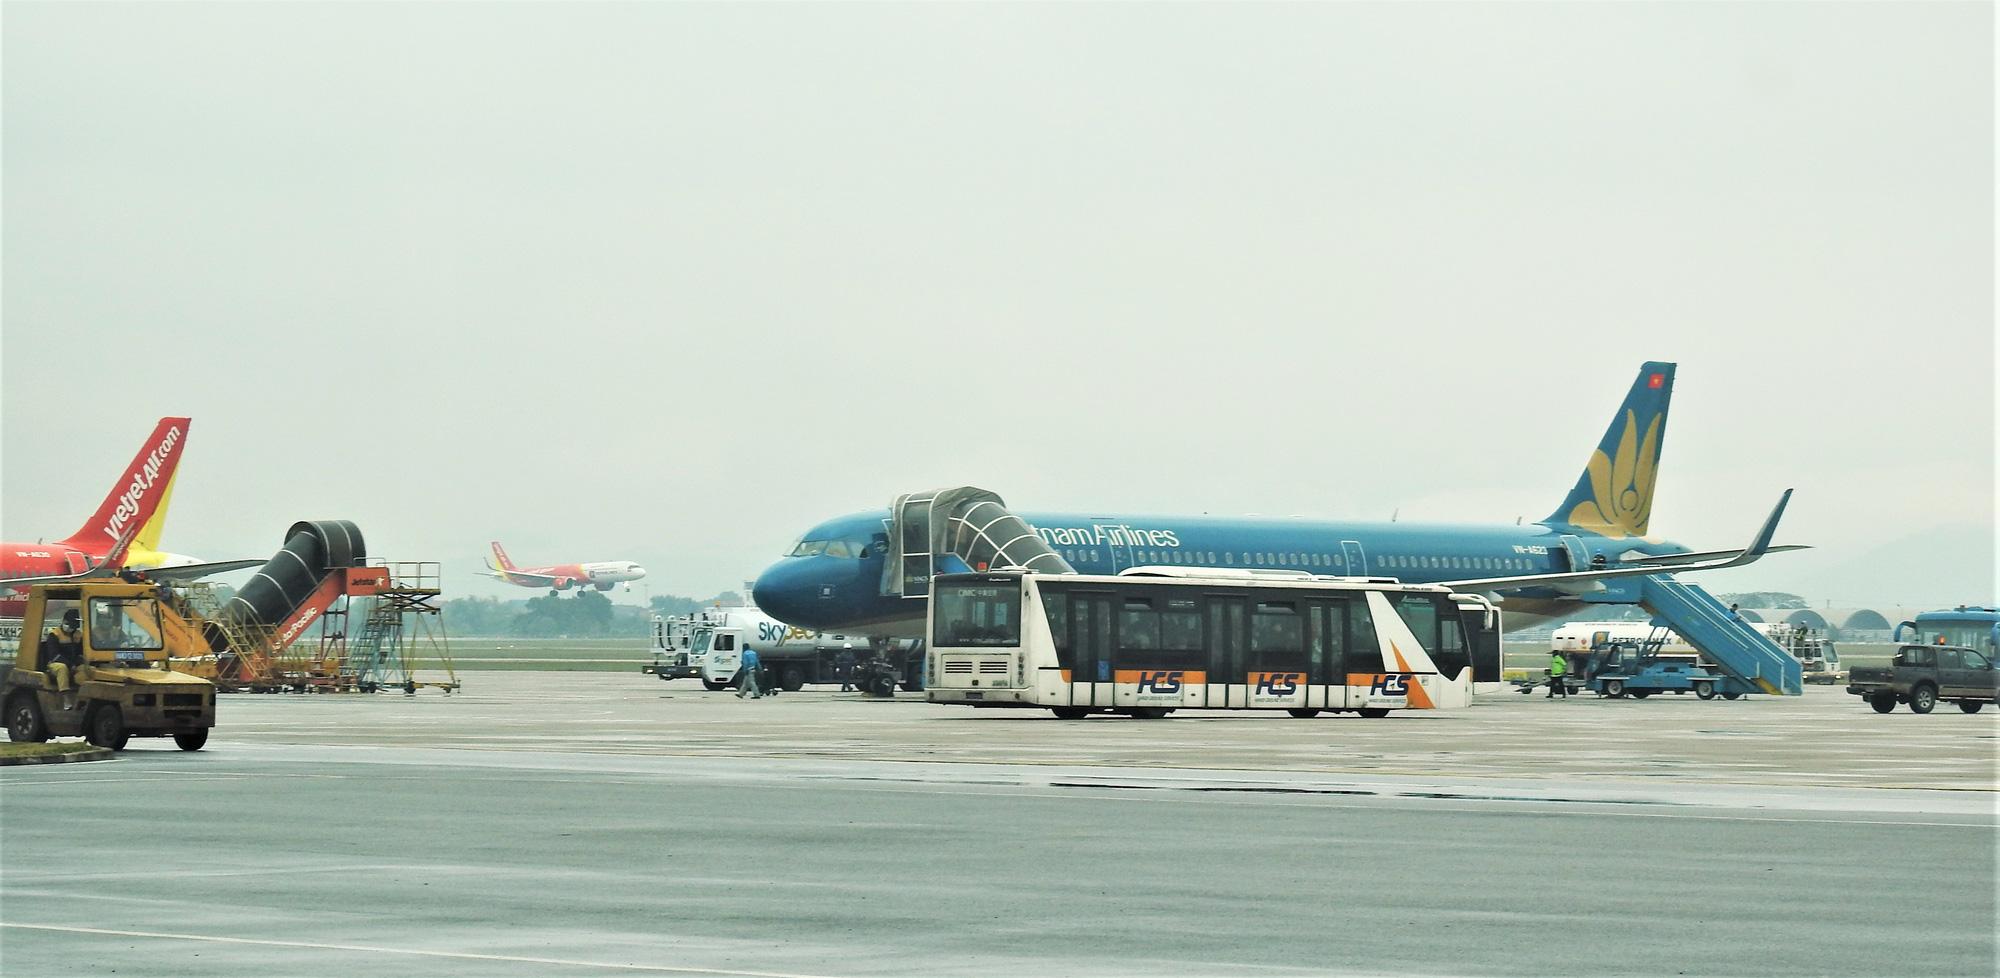 Dừng mọi chuyến bay giữa Việt Nam và Trung Quốc từ chiều nay 1/2 để ứng phó với dịch virus corona - Ảnh 1.